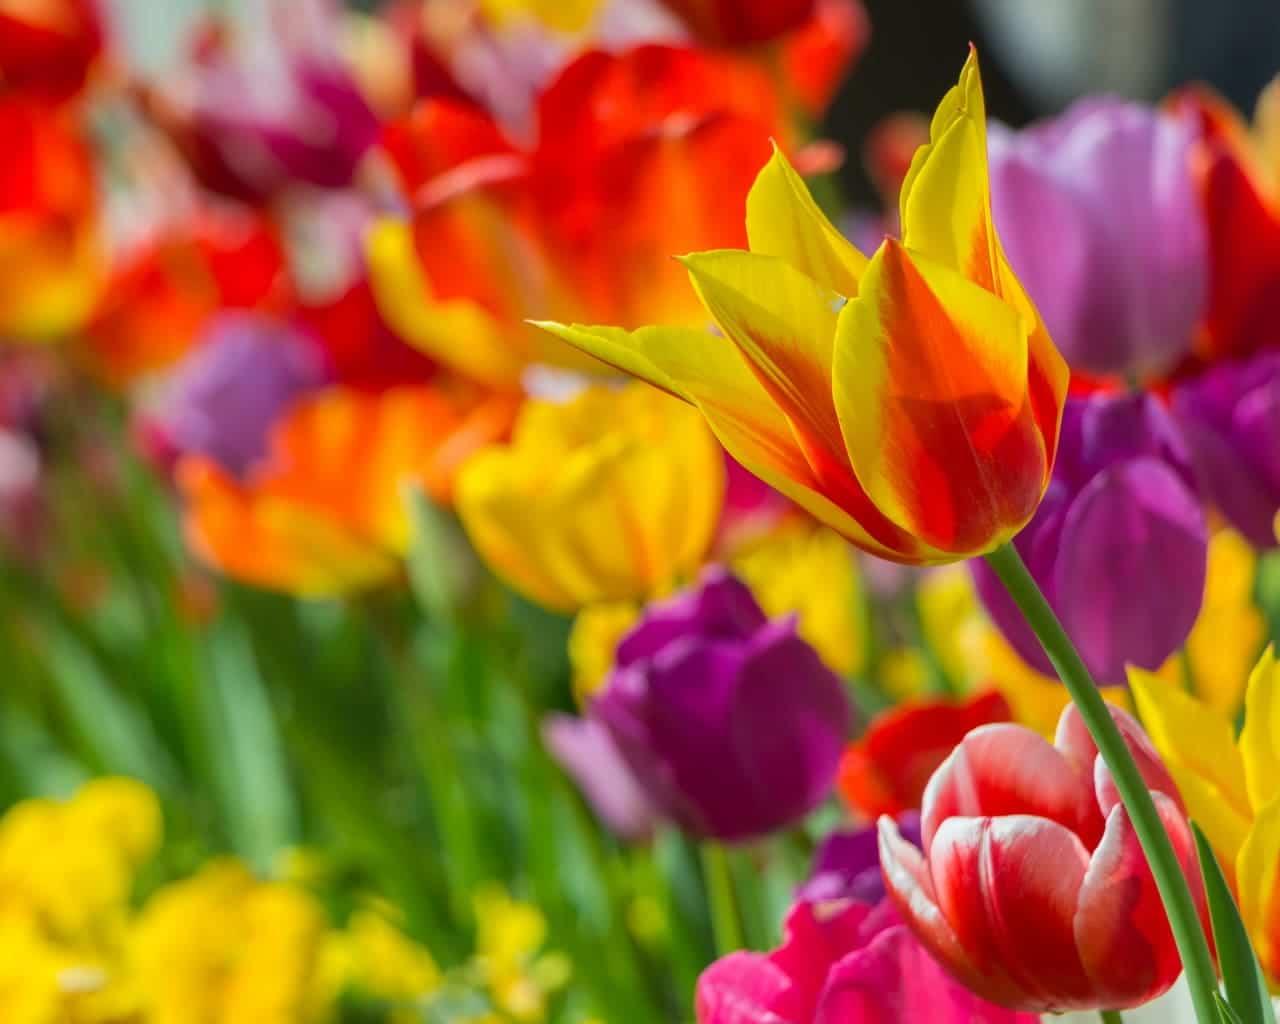 Farbenfrohe Tulpenmischung mit verschiedenen Tulpen im Beet